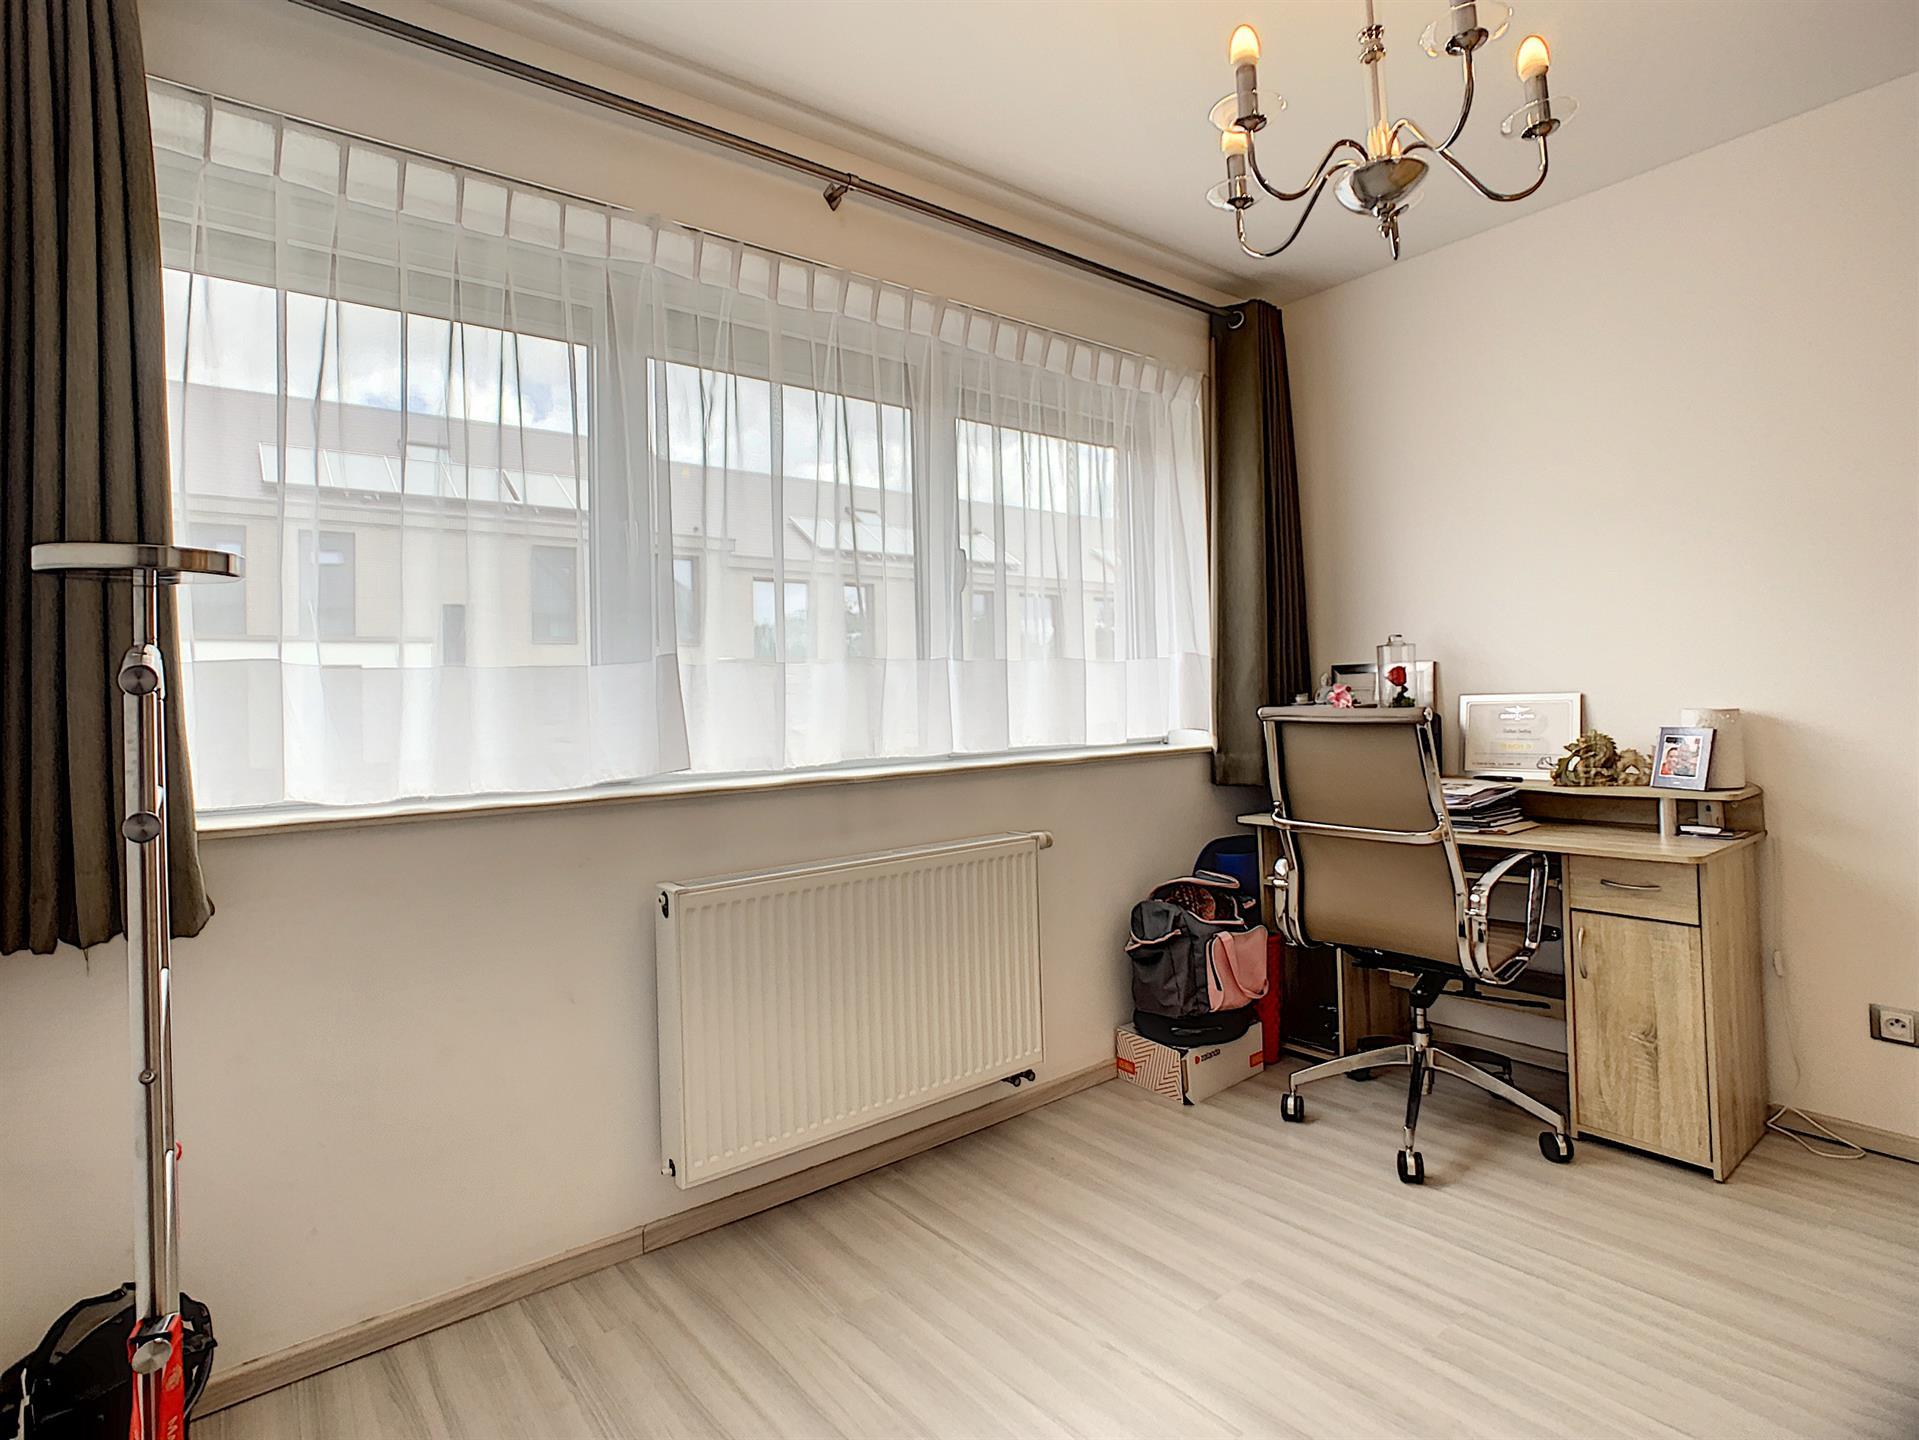 Appartement - Berchem-Sainte-Agathe - #4164858-4